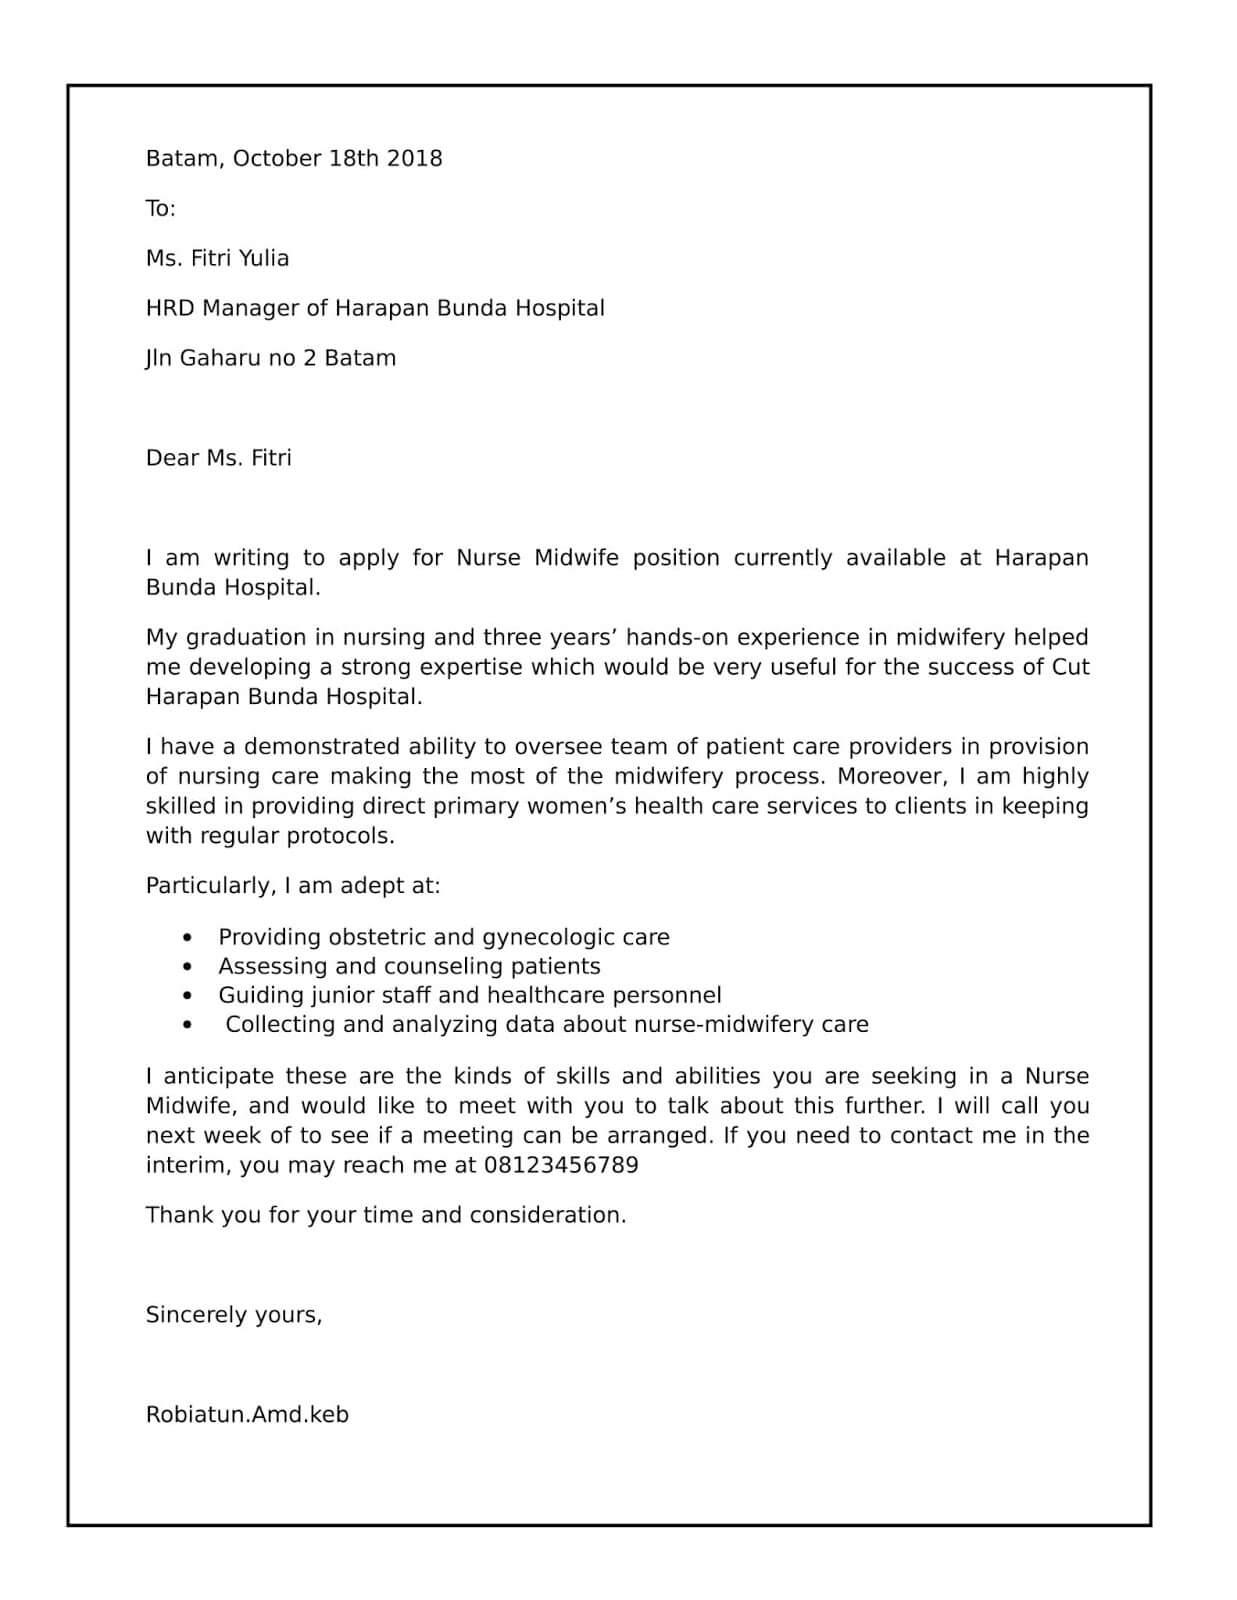 Contoh Surat Lamaran Kerja Bidan Dalam Bahasa Inggris Beserta Artinya